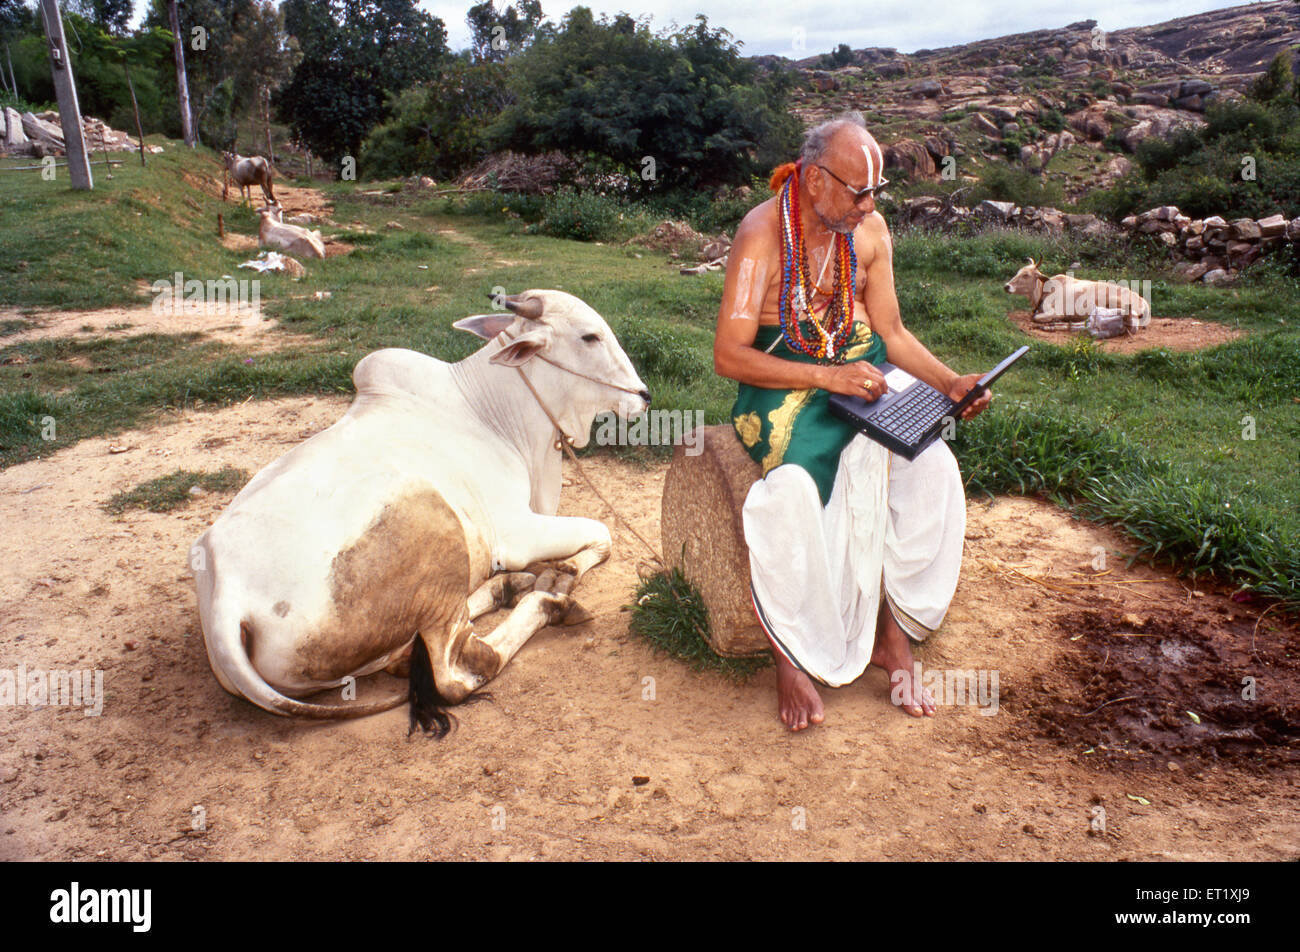 Studioso di sanscrito con il computer portatile e la mucca melkote ; Karnataka ; India n. MR Immagini Stock